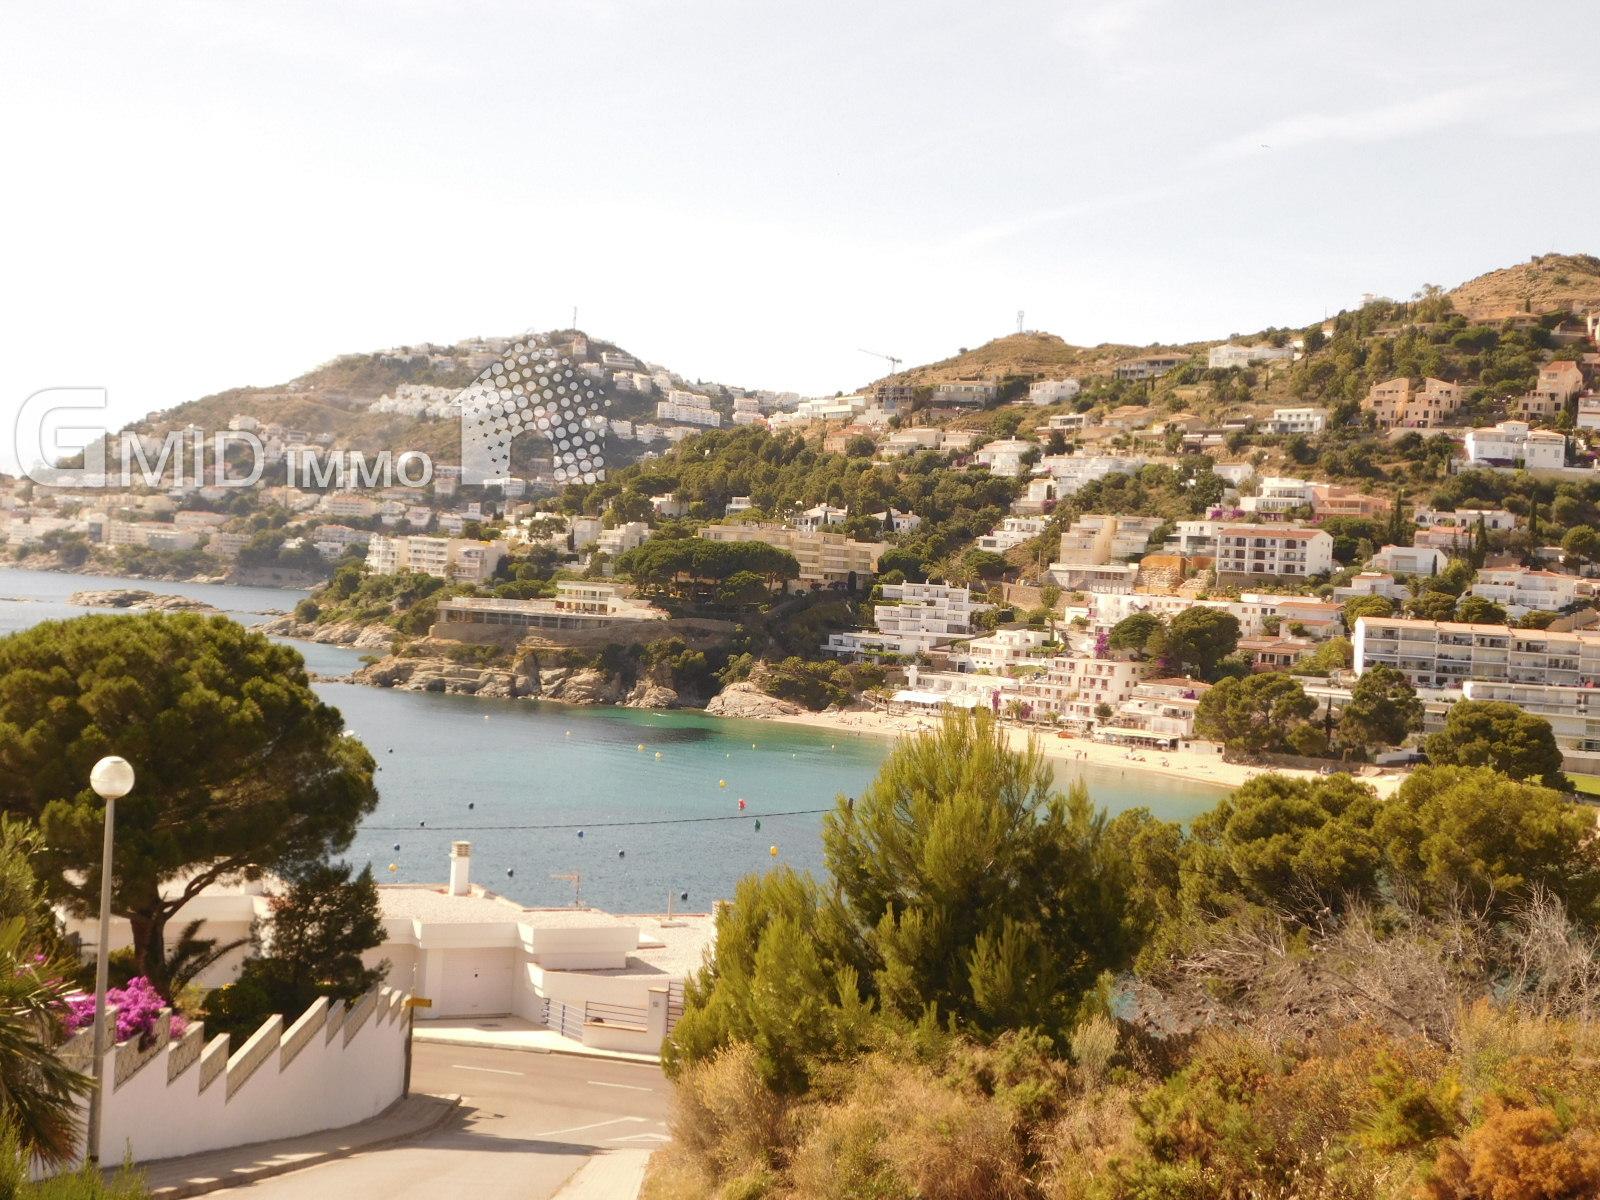 Casa de vacaciones cerca de la playa en almadrava roses costa brava inmuebles gmid immo - Casa playa costa brava ...